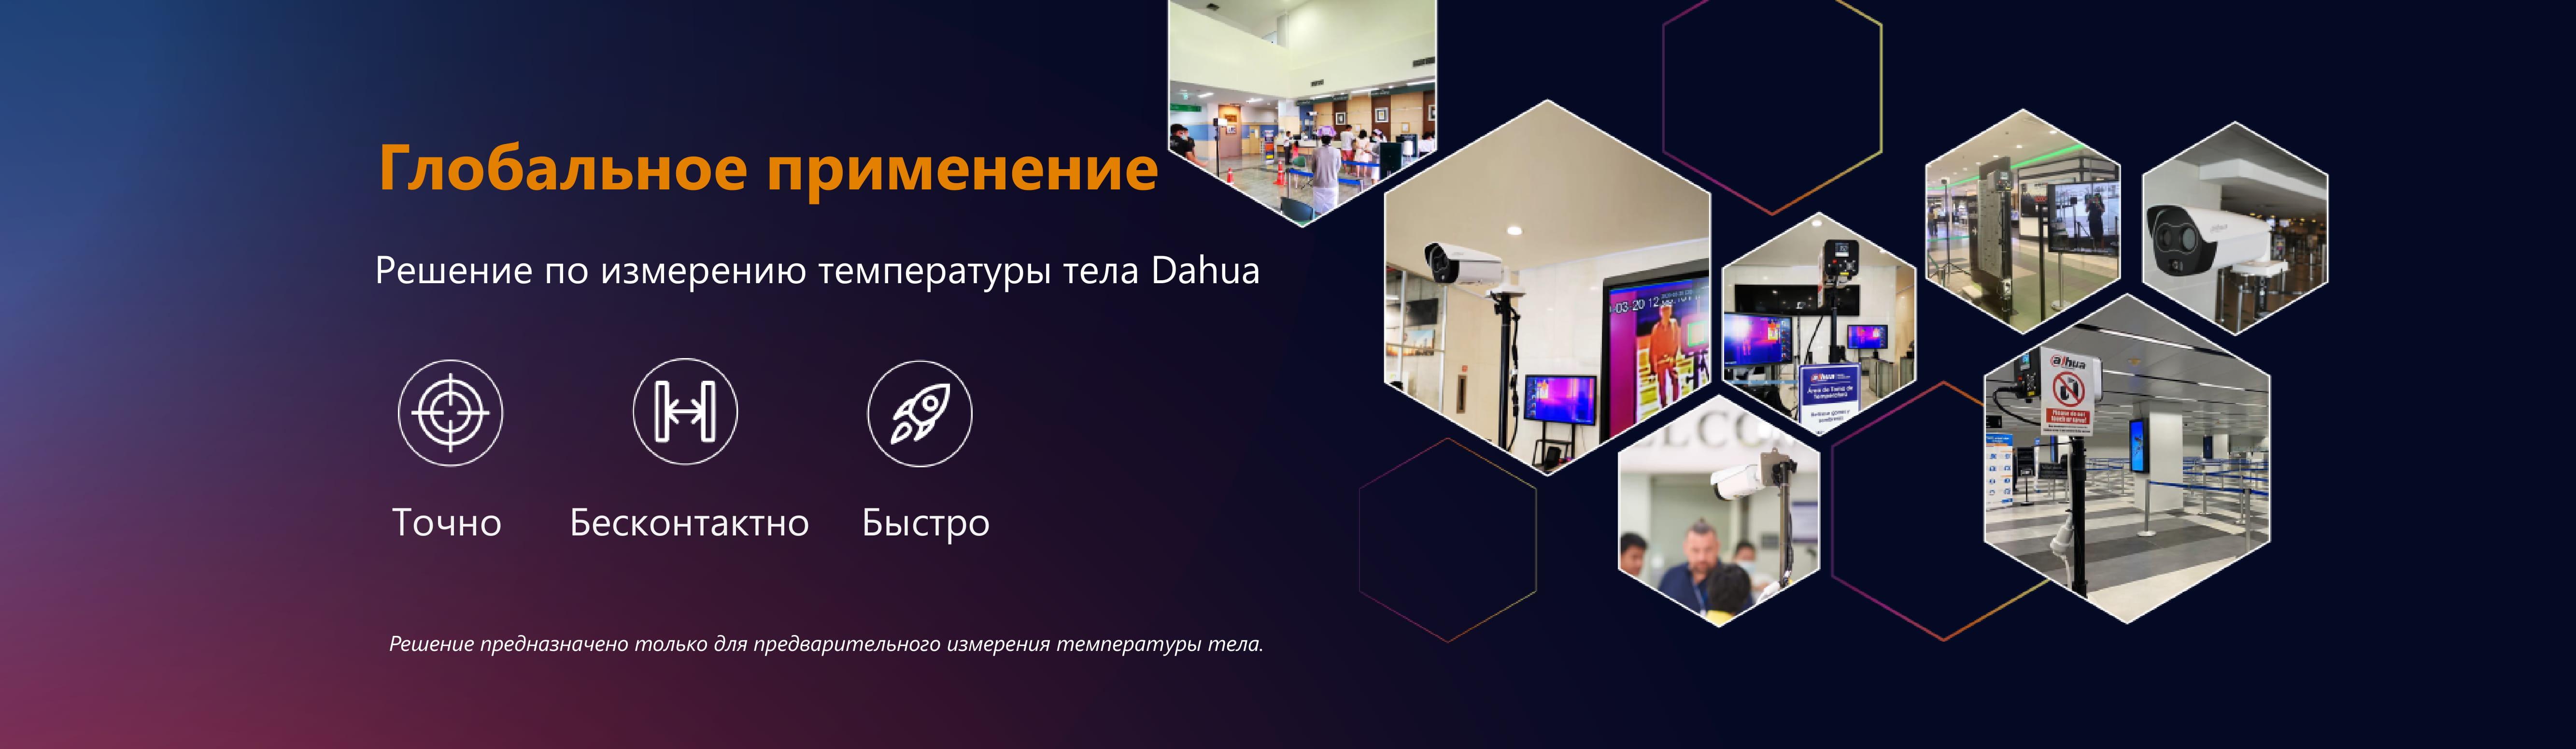 Тепловизоры Dahua Торговый Дом Защита Трейд hiwatch-msk.ru